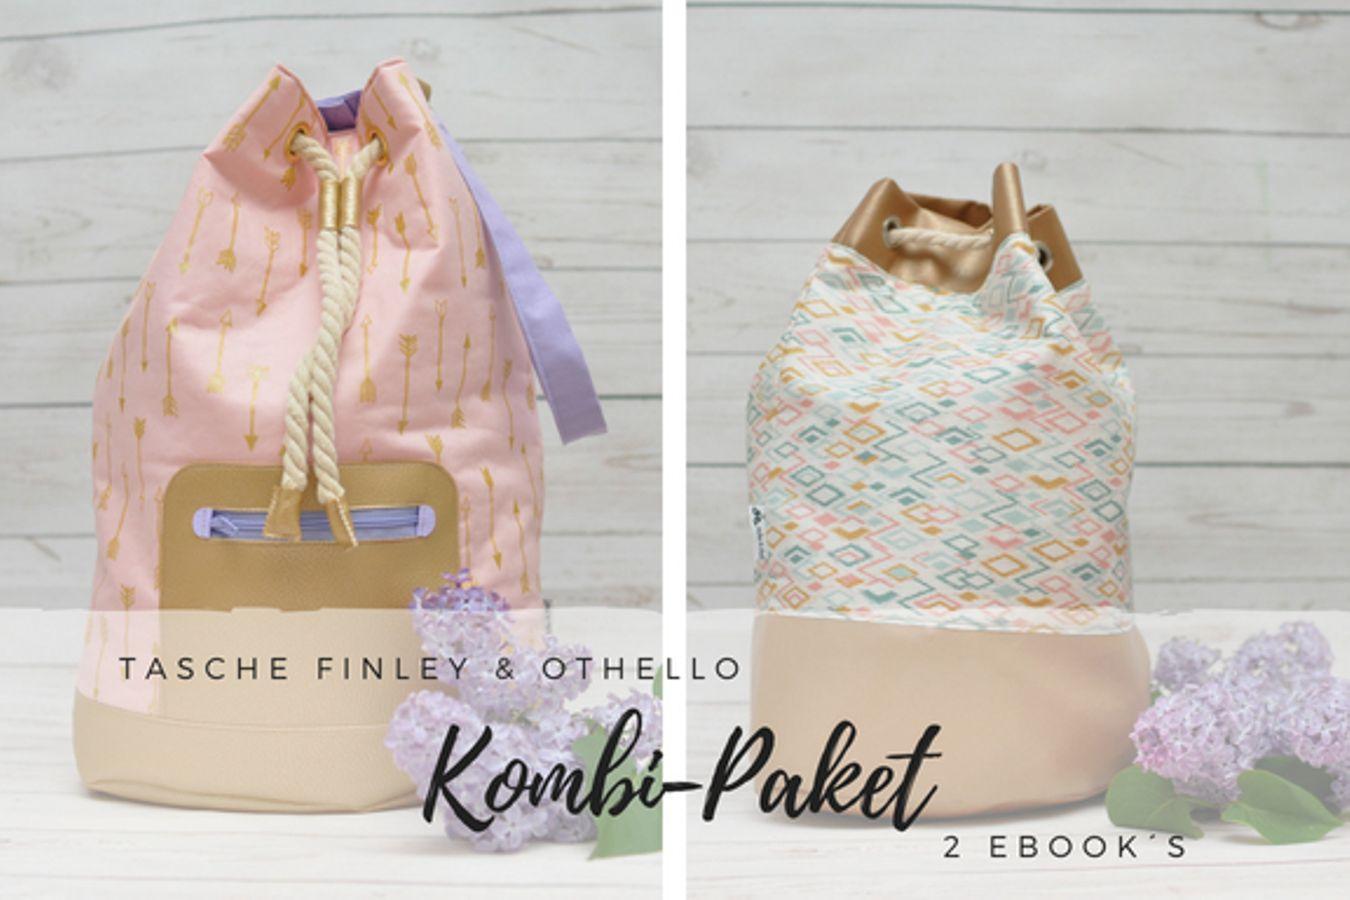 Produktfoto 1 von Zucker & Zimt Design für Schnittmuster Kombi-Paket Tasche Finley & Othello